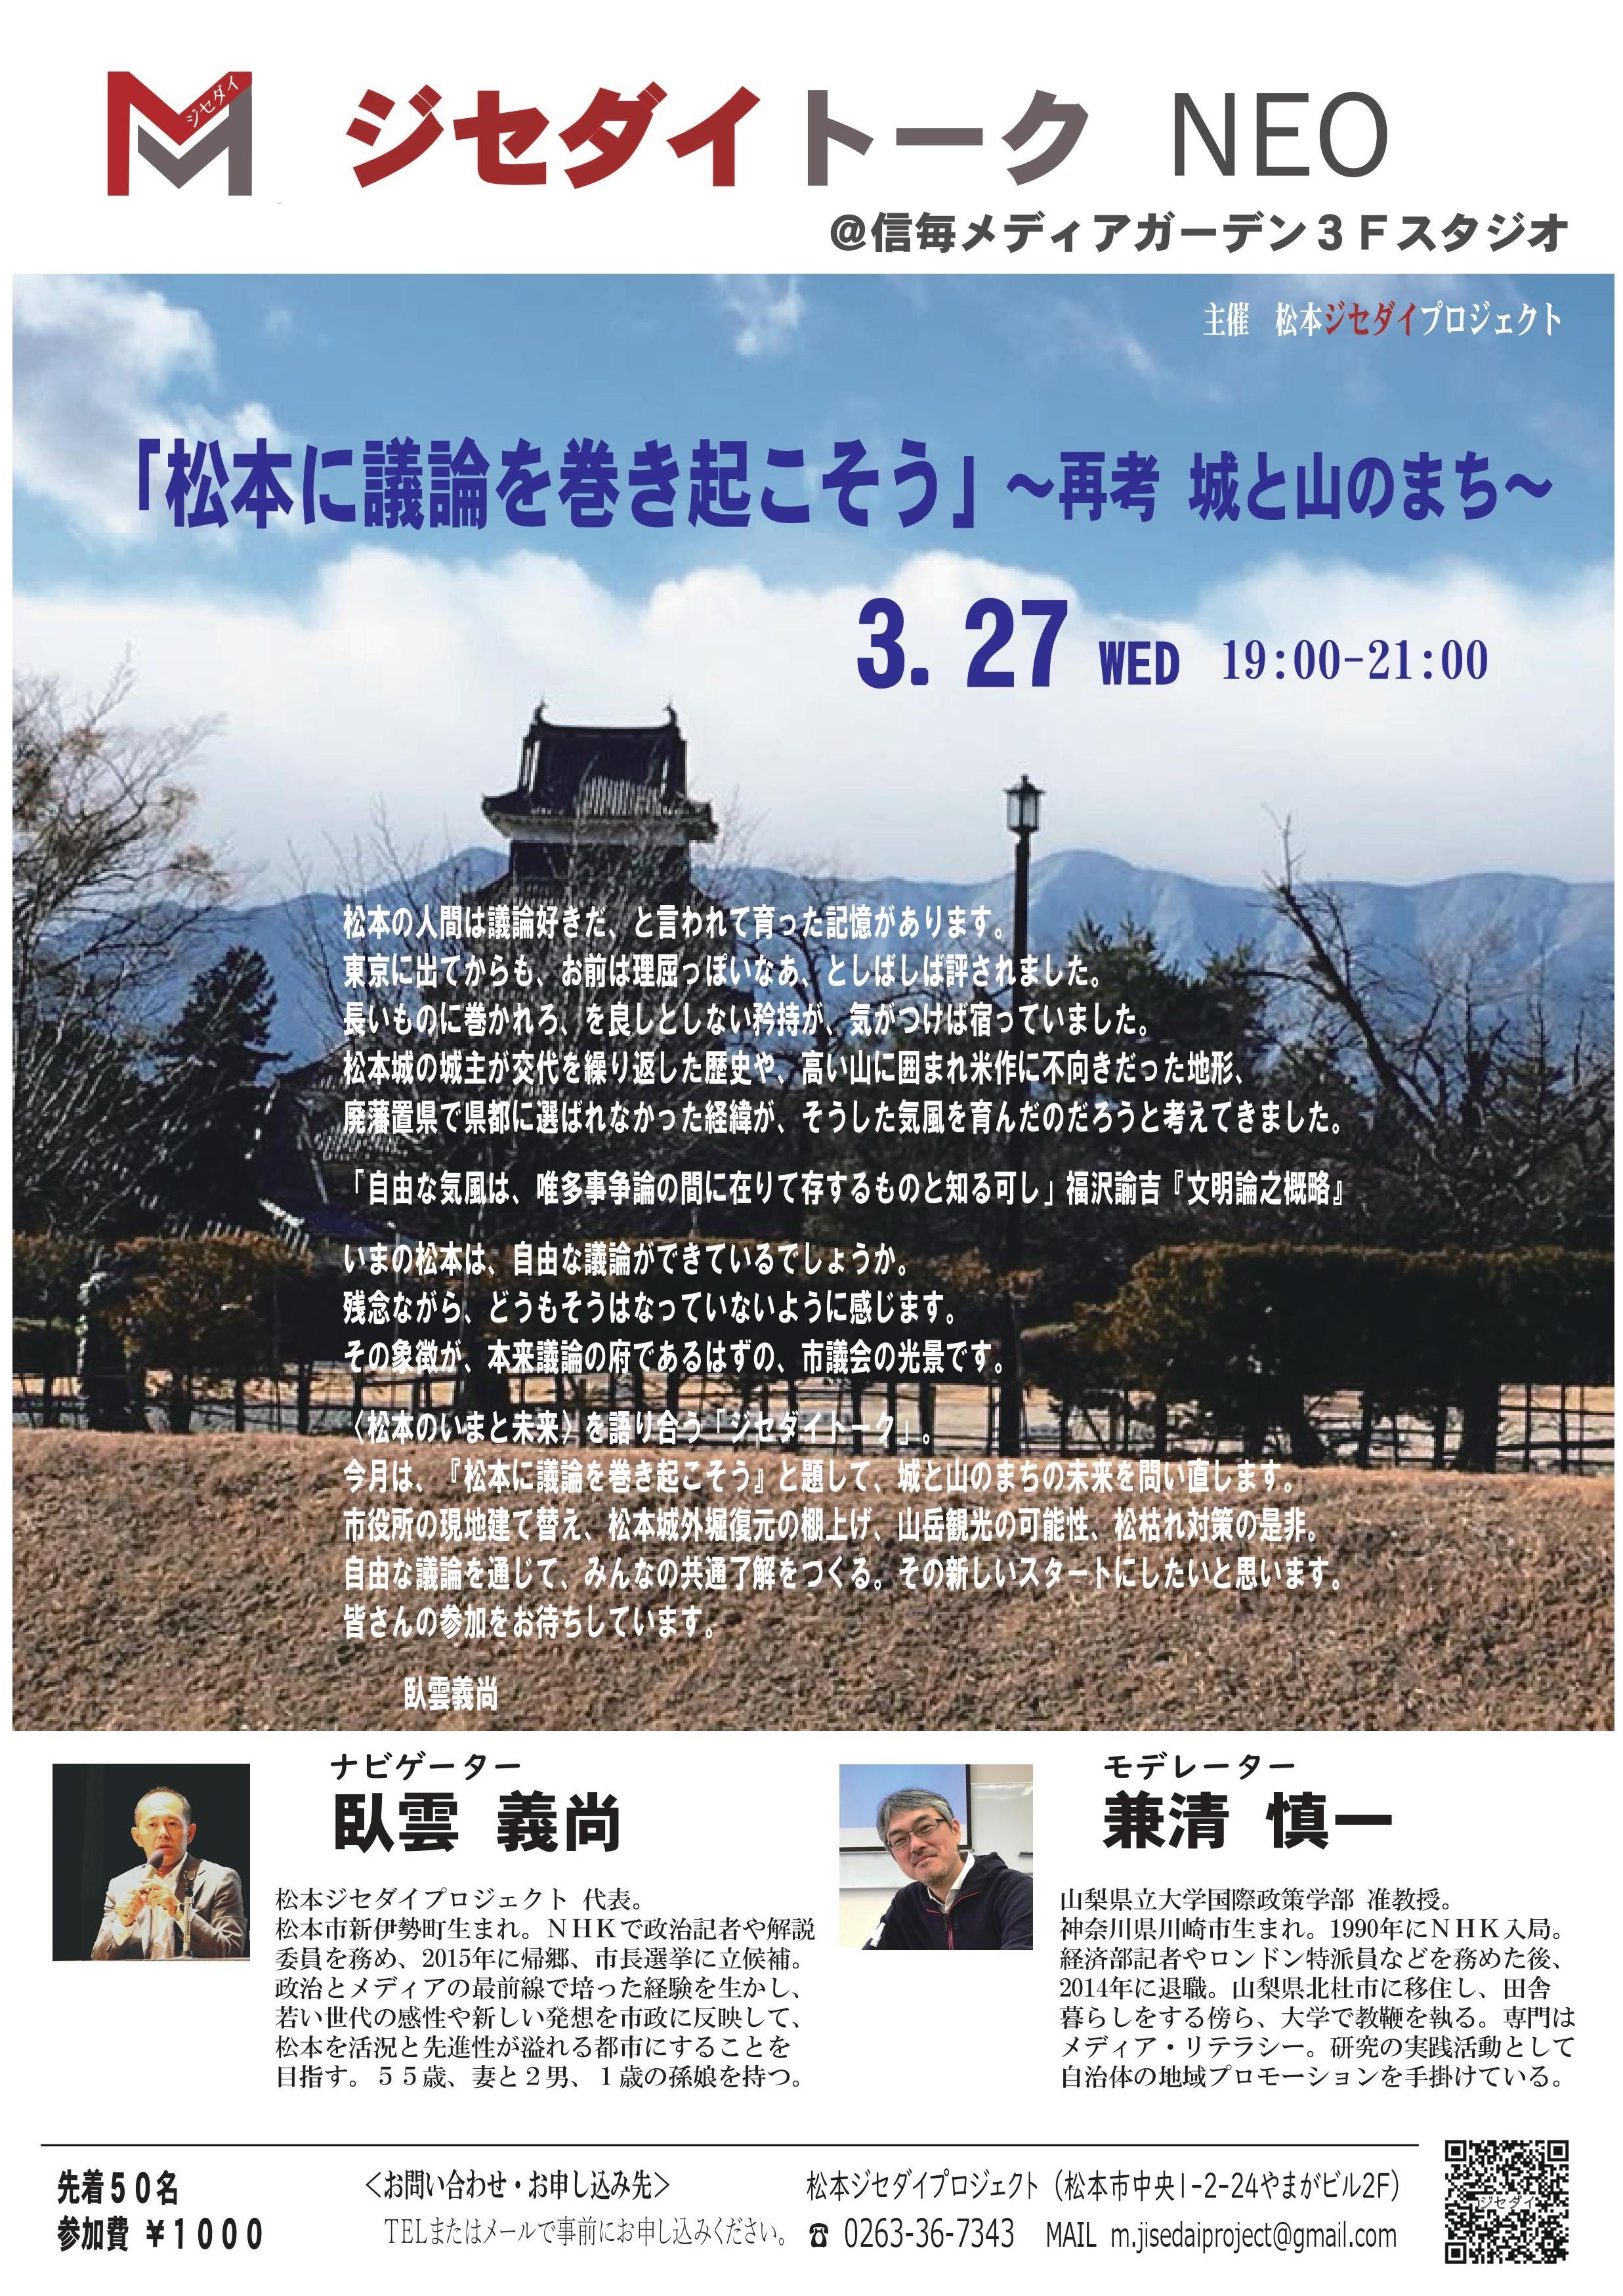 【次回予告】ジセダイトーク NEO 「松本に議論を巻き起こそう」 ~再考 城と山のまち~